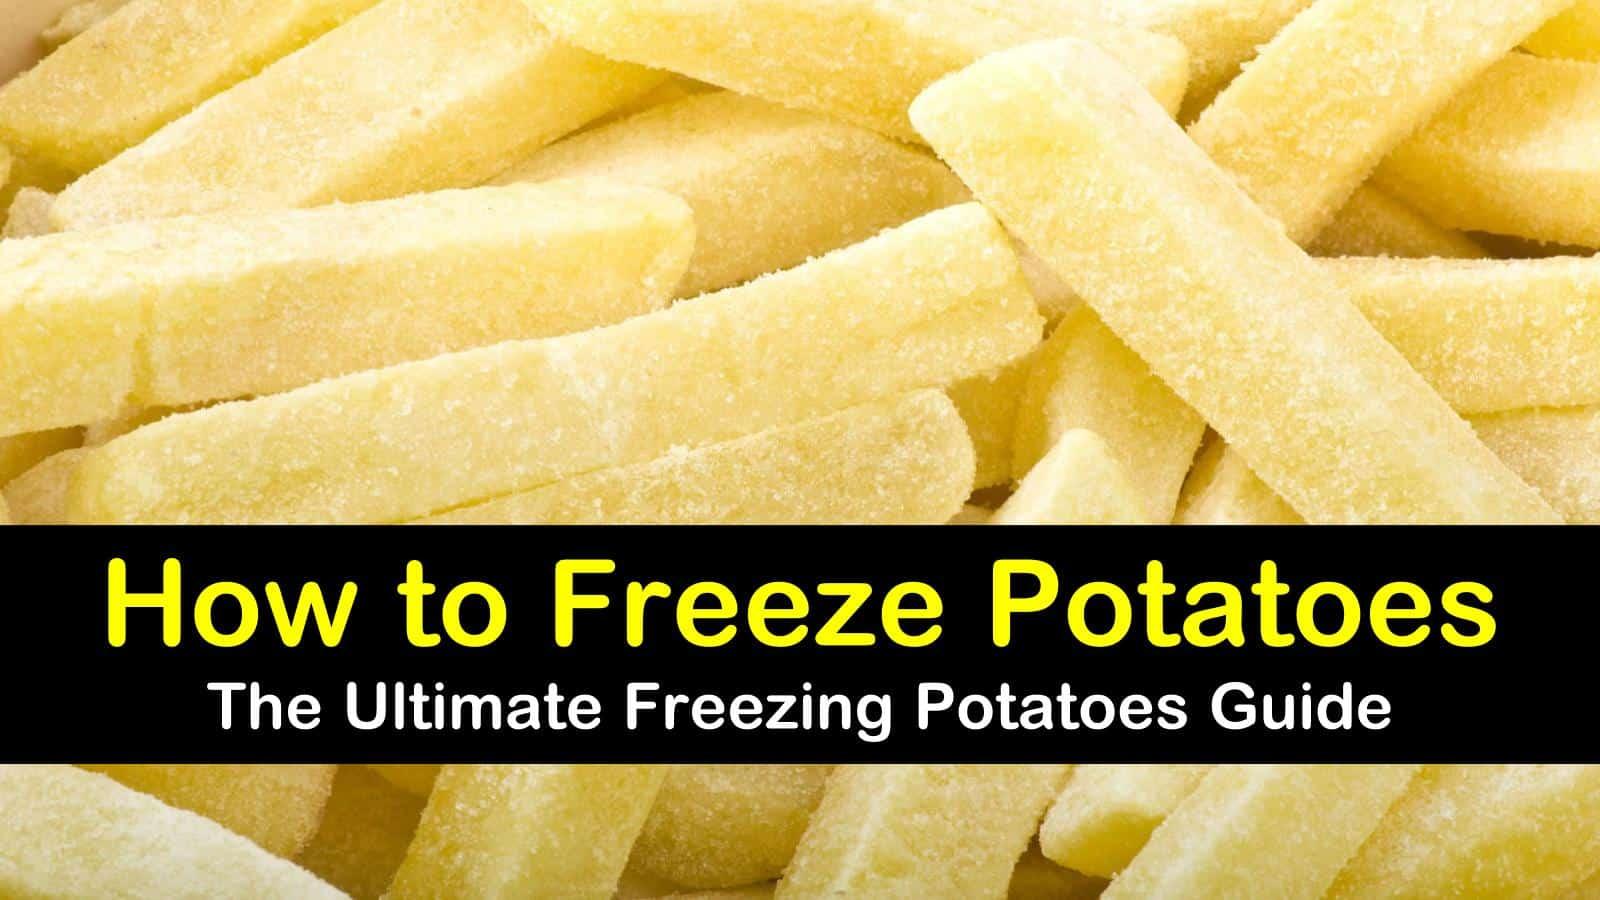 how to freeze potatoes titleimg1